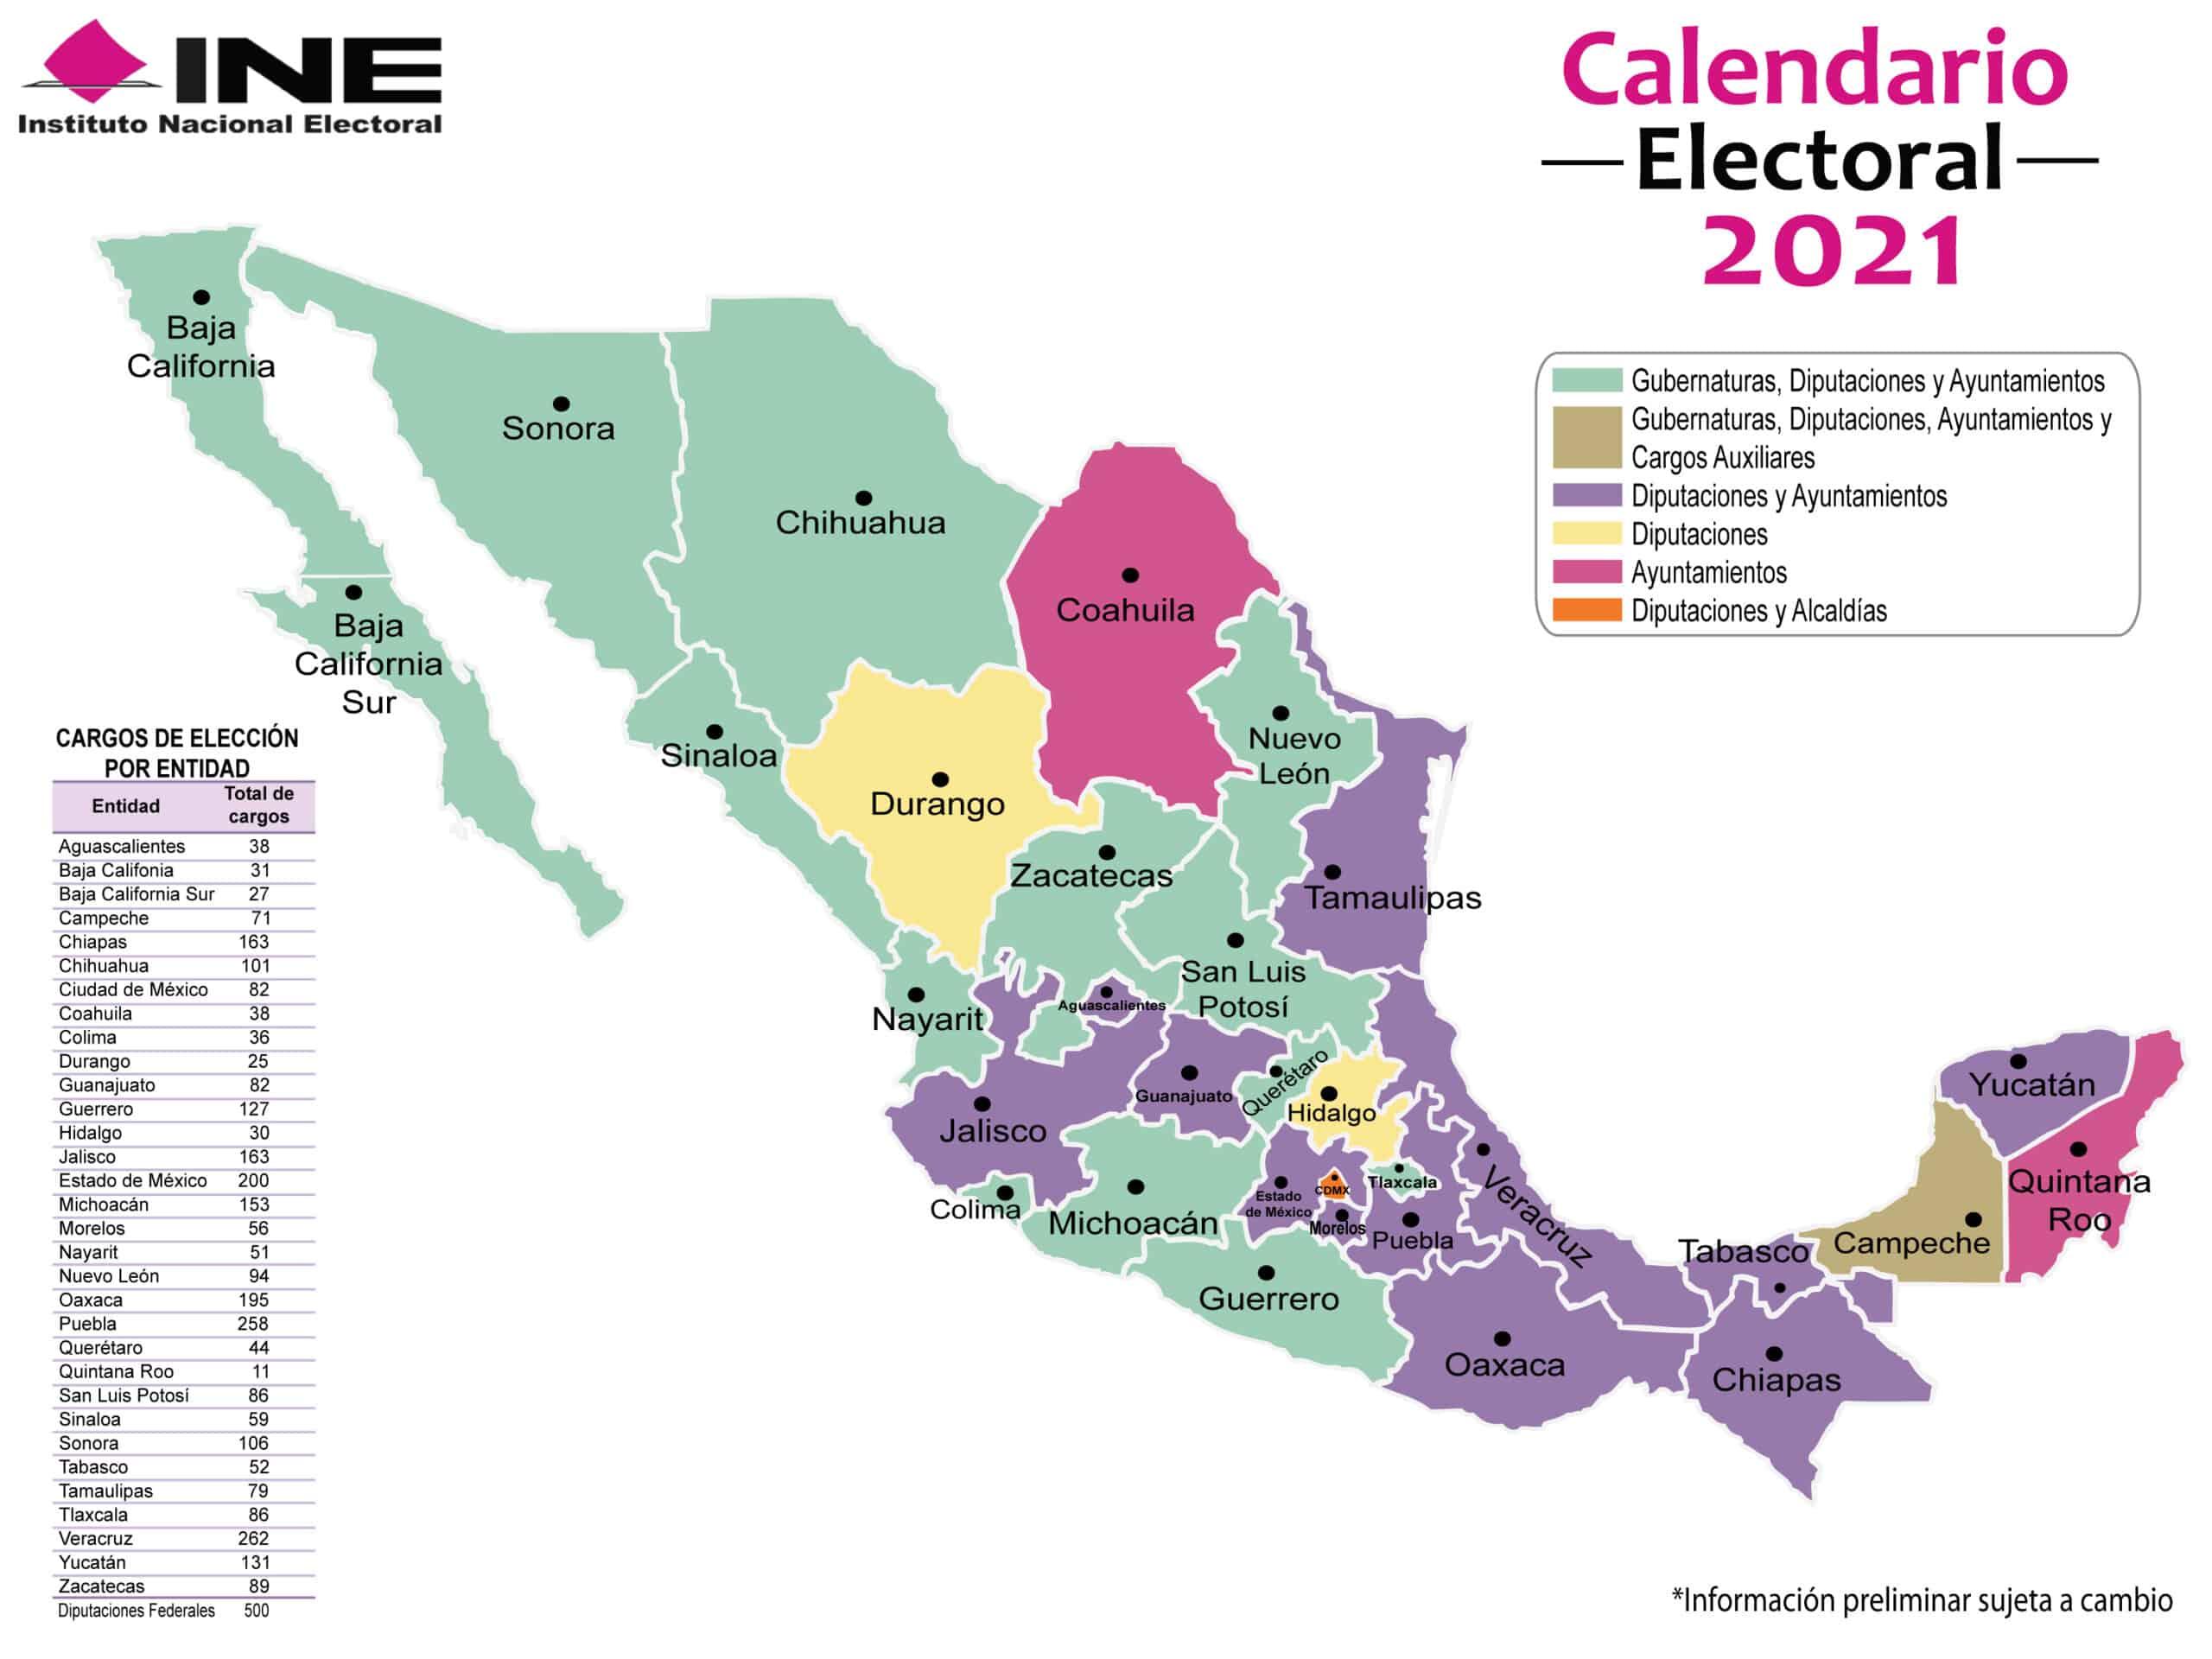 Metrics - Agenda pública, Andrés Manuel López Obrador, Elecciones, Feminismo, lilia cacho, Rosario Robles